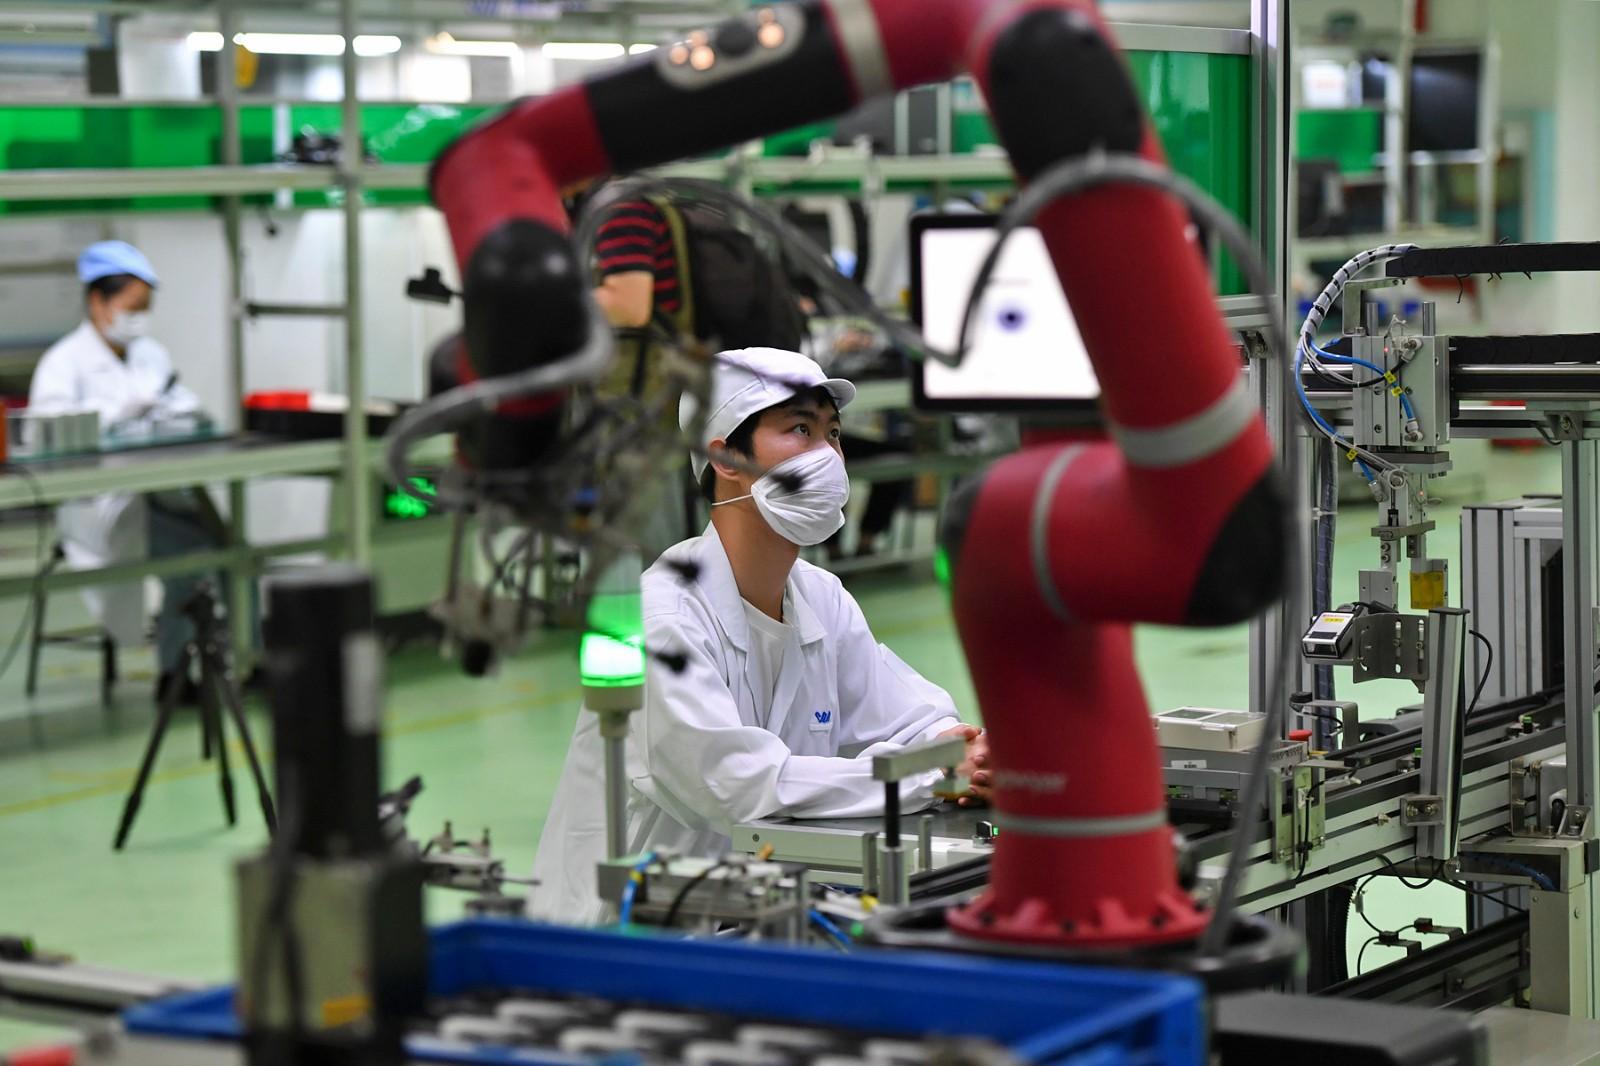 威胜集团生产车间引入智能化生产线与智能协作机器人,生产效率得以大幅提升。 长沙晚报全媒体记者 王志伟 摄